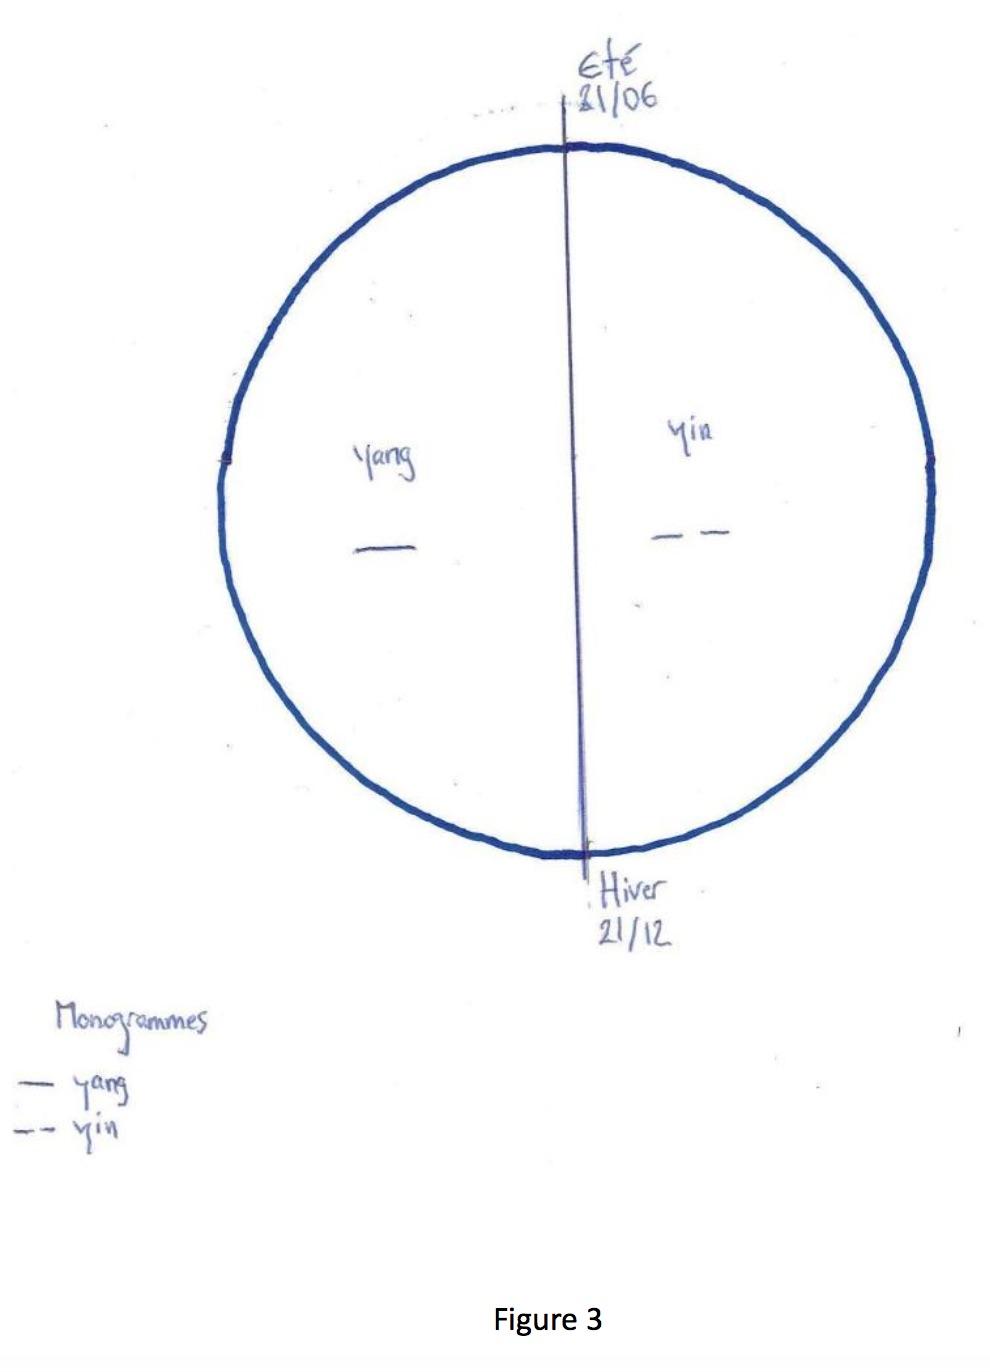 representations circulaires 2017-10-07 à 14.58.51